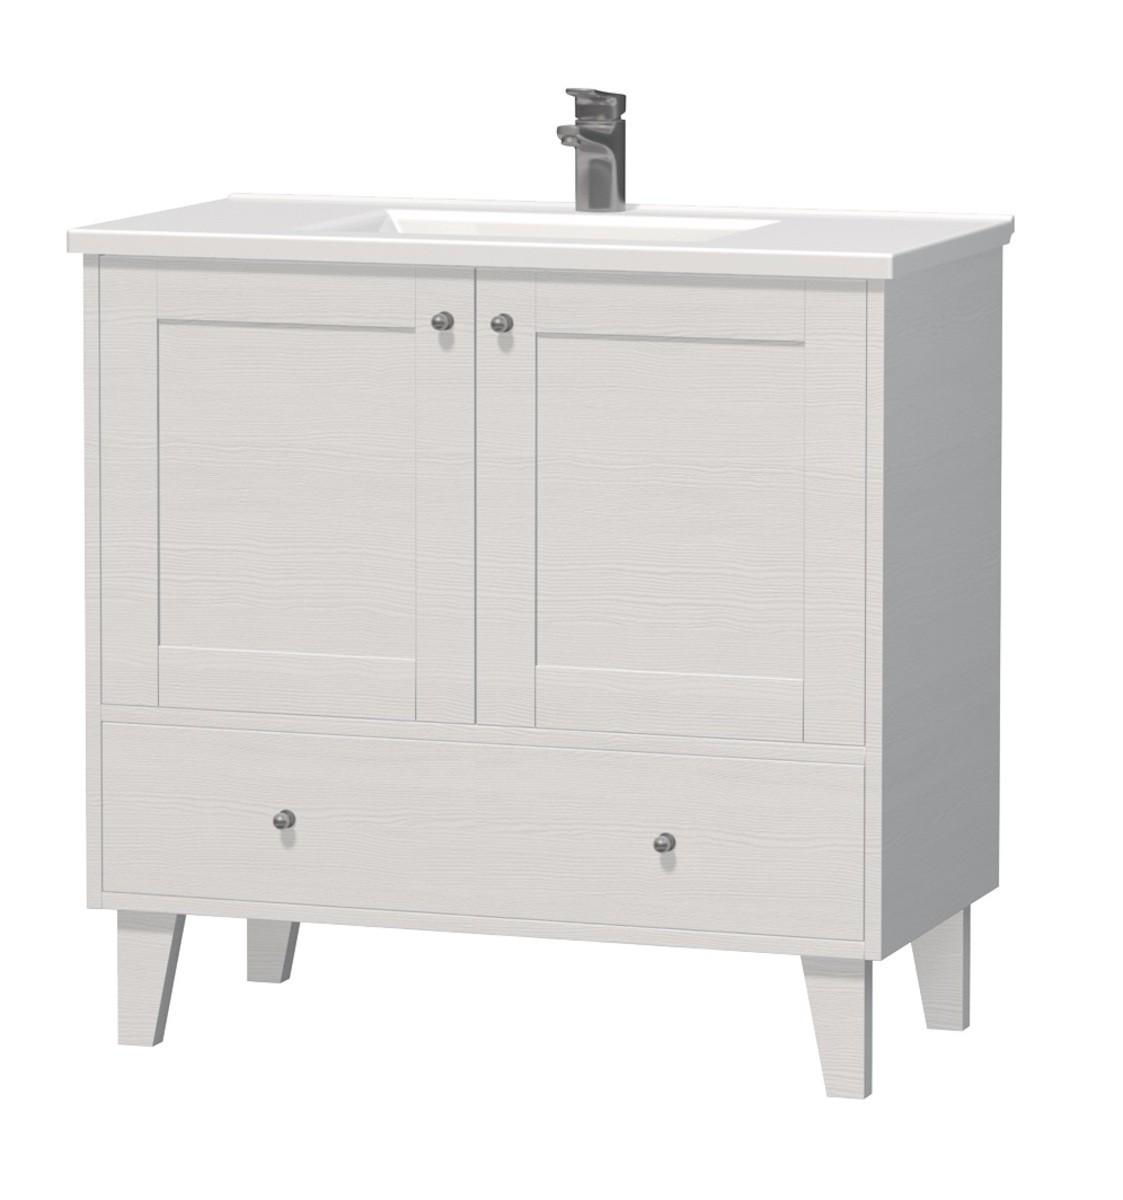 Kúpeľňová skrinka s umývadlom Naturel Provence 90x46 cm biela PROVENCE90BT